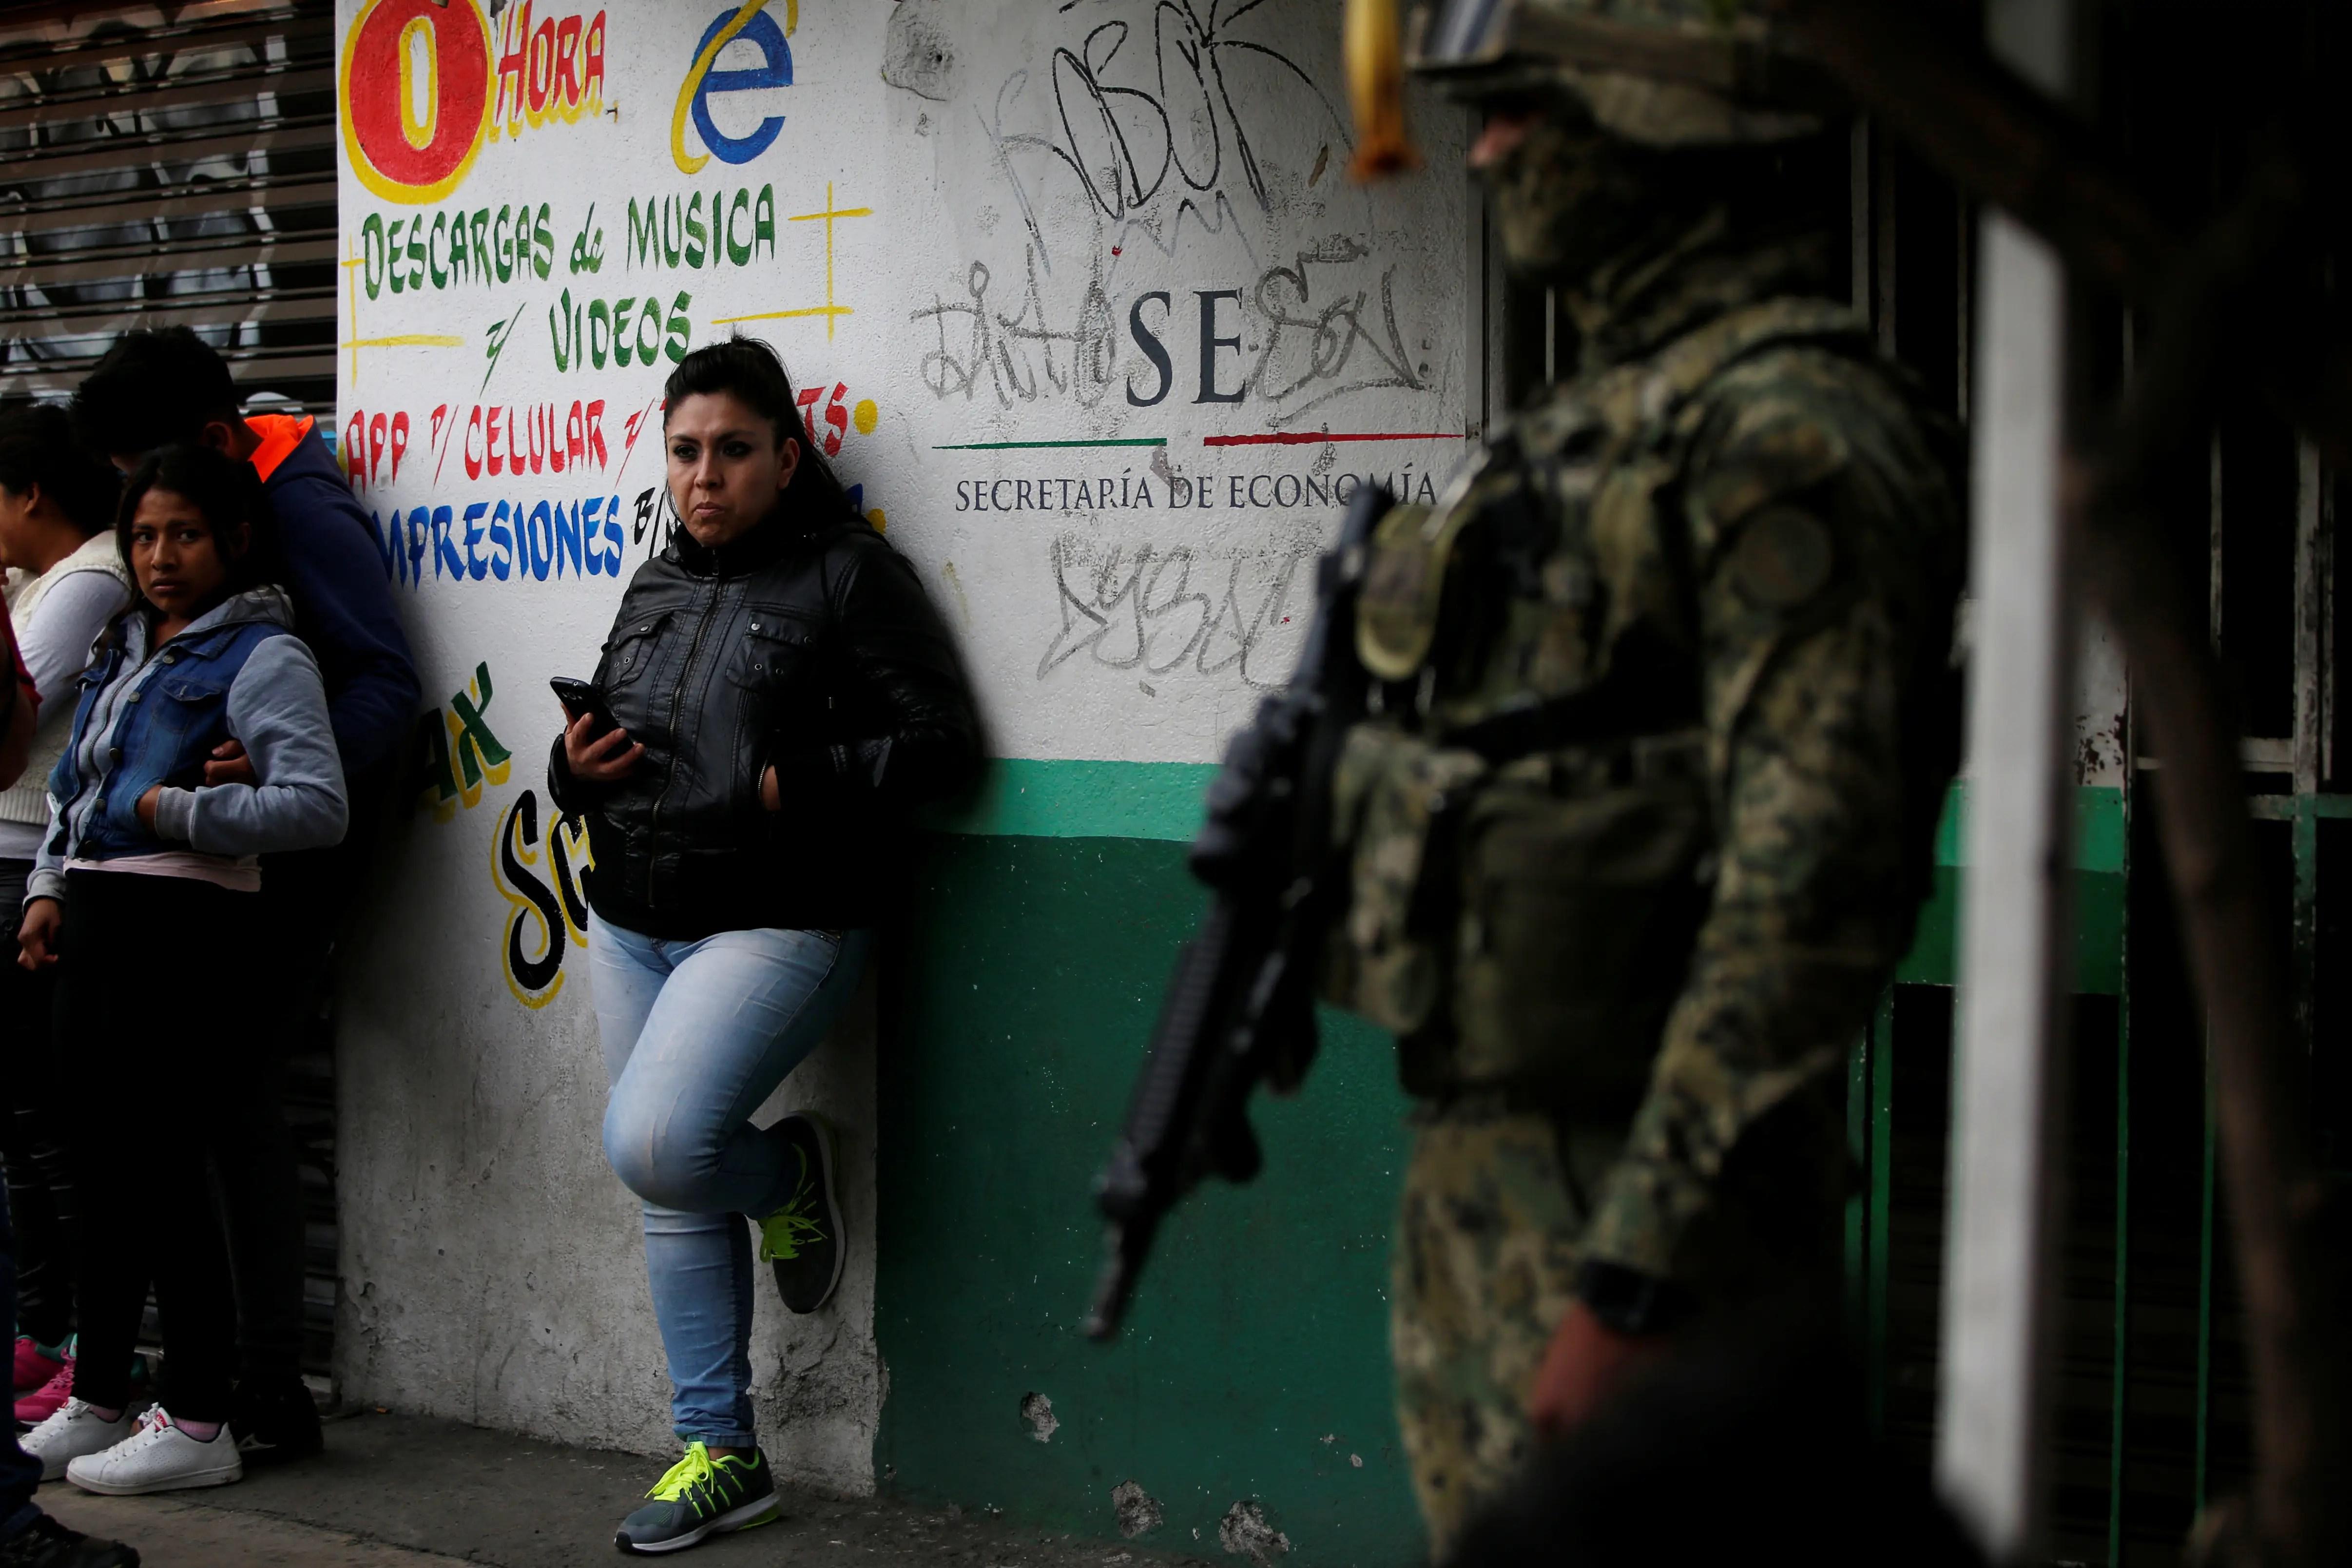 Mexico City marine soldier crime scene